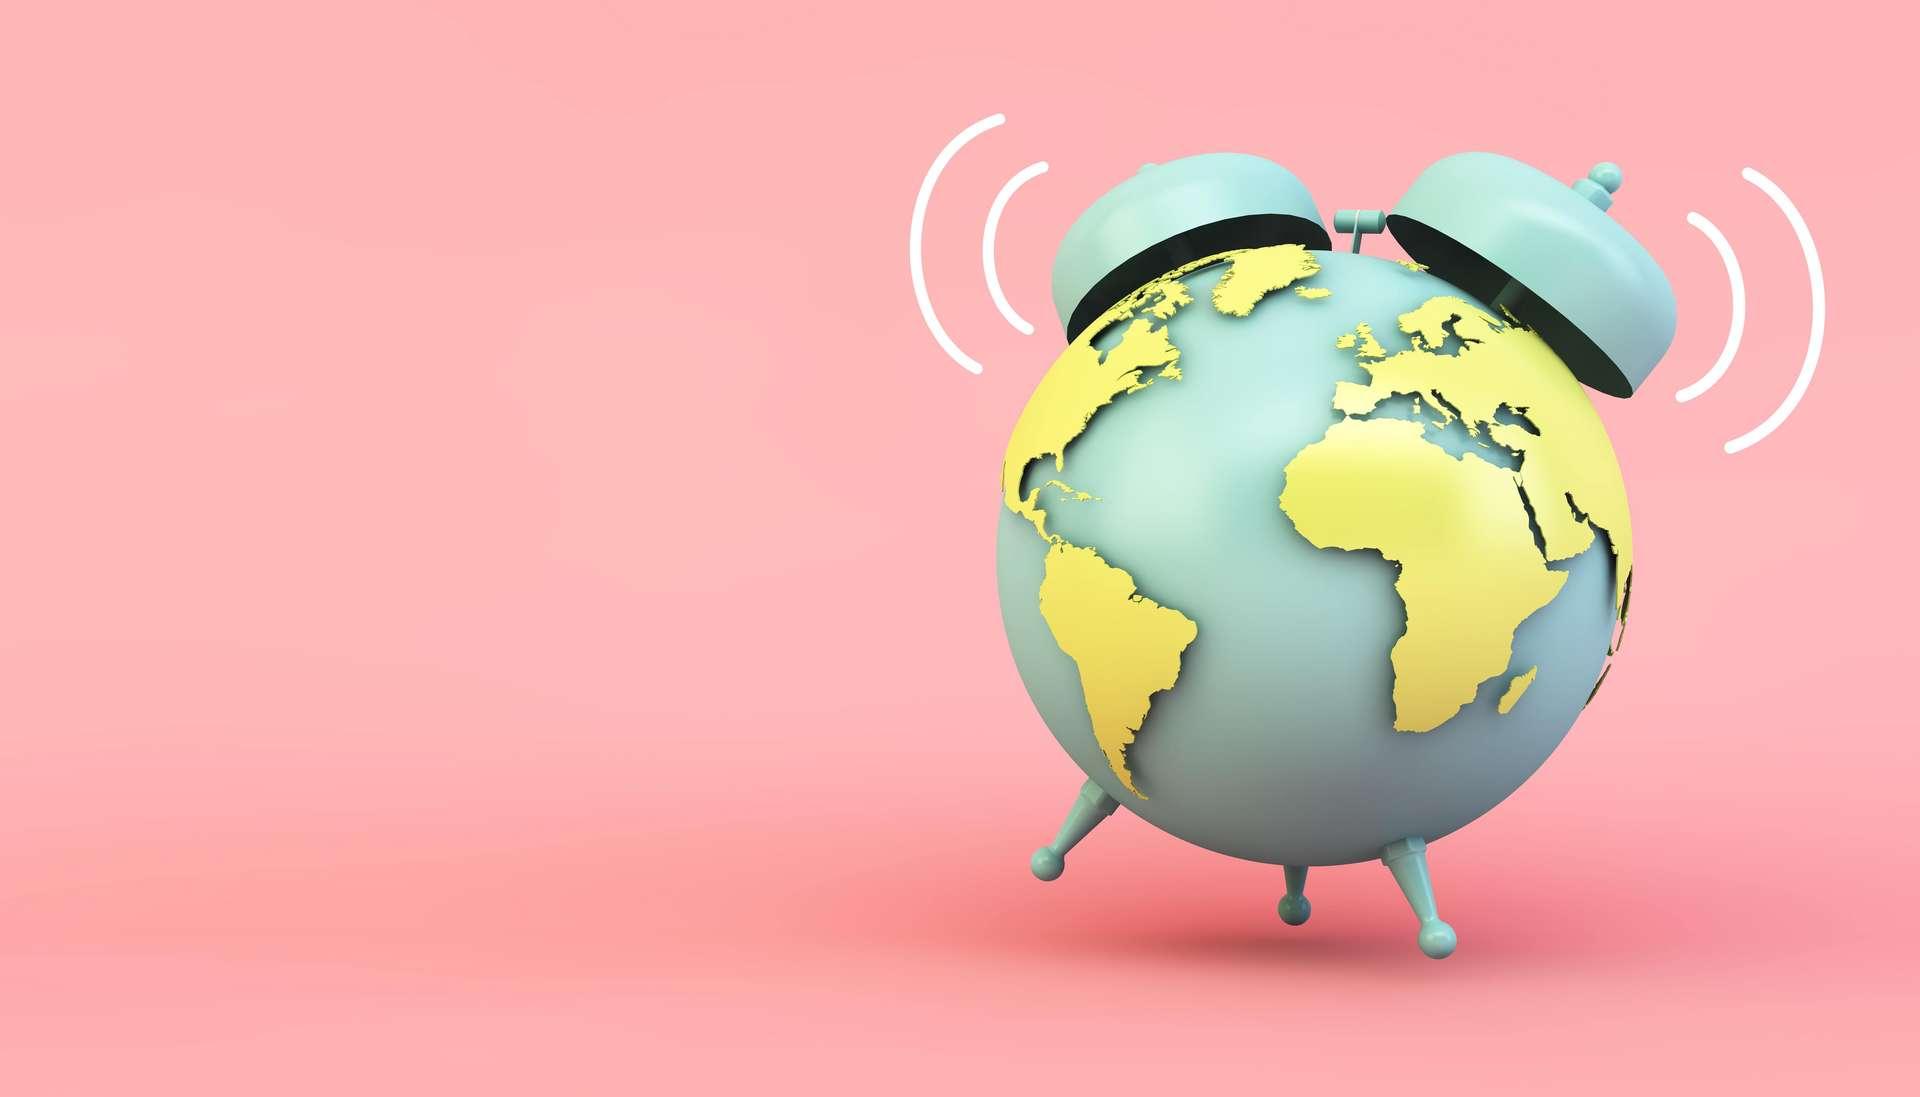 La France devrait émettre 450 millions de tonnes de CO2 en 2020, d'après le cabinet de conseil Carbone 4. © Georgejmclittle, Adobe Stock